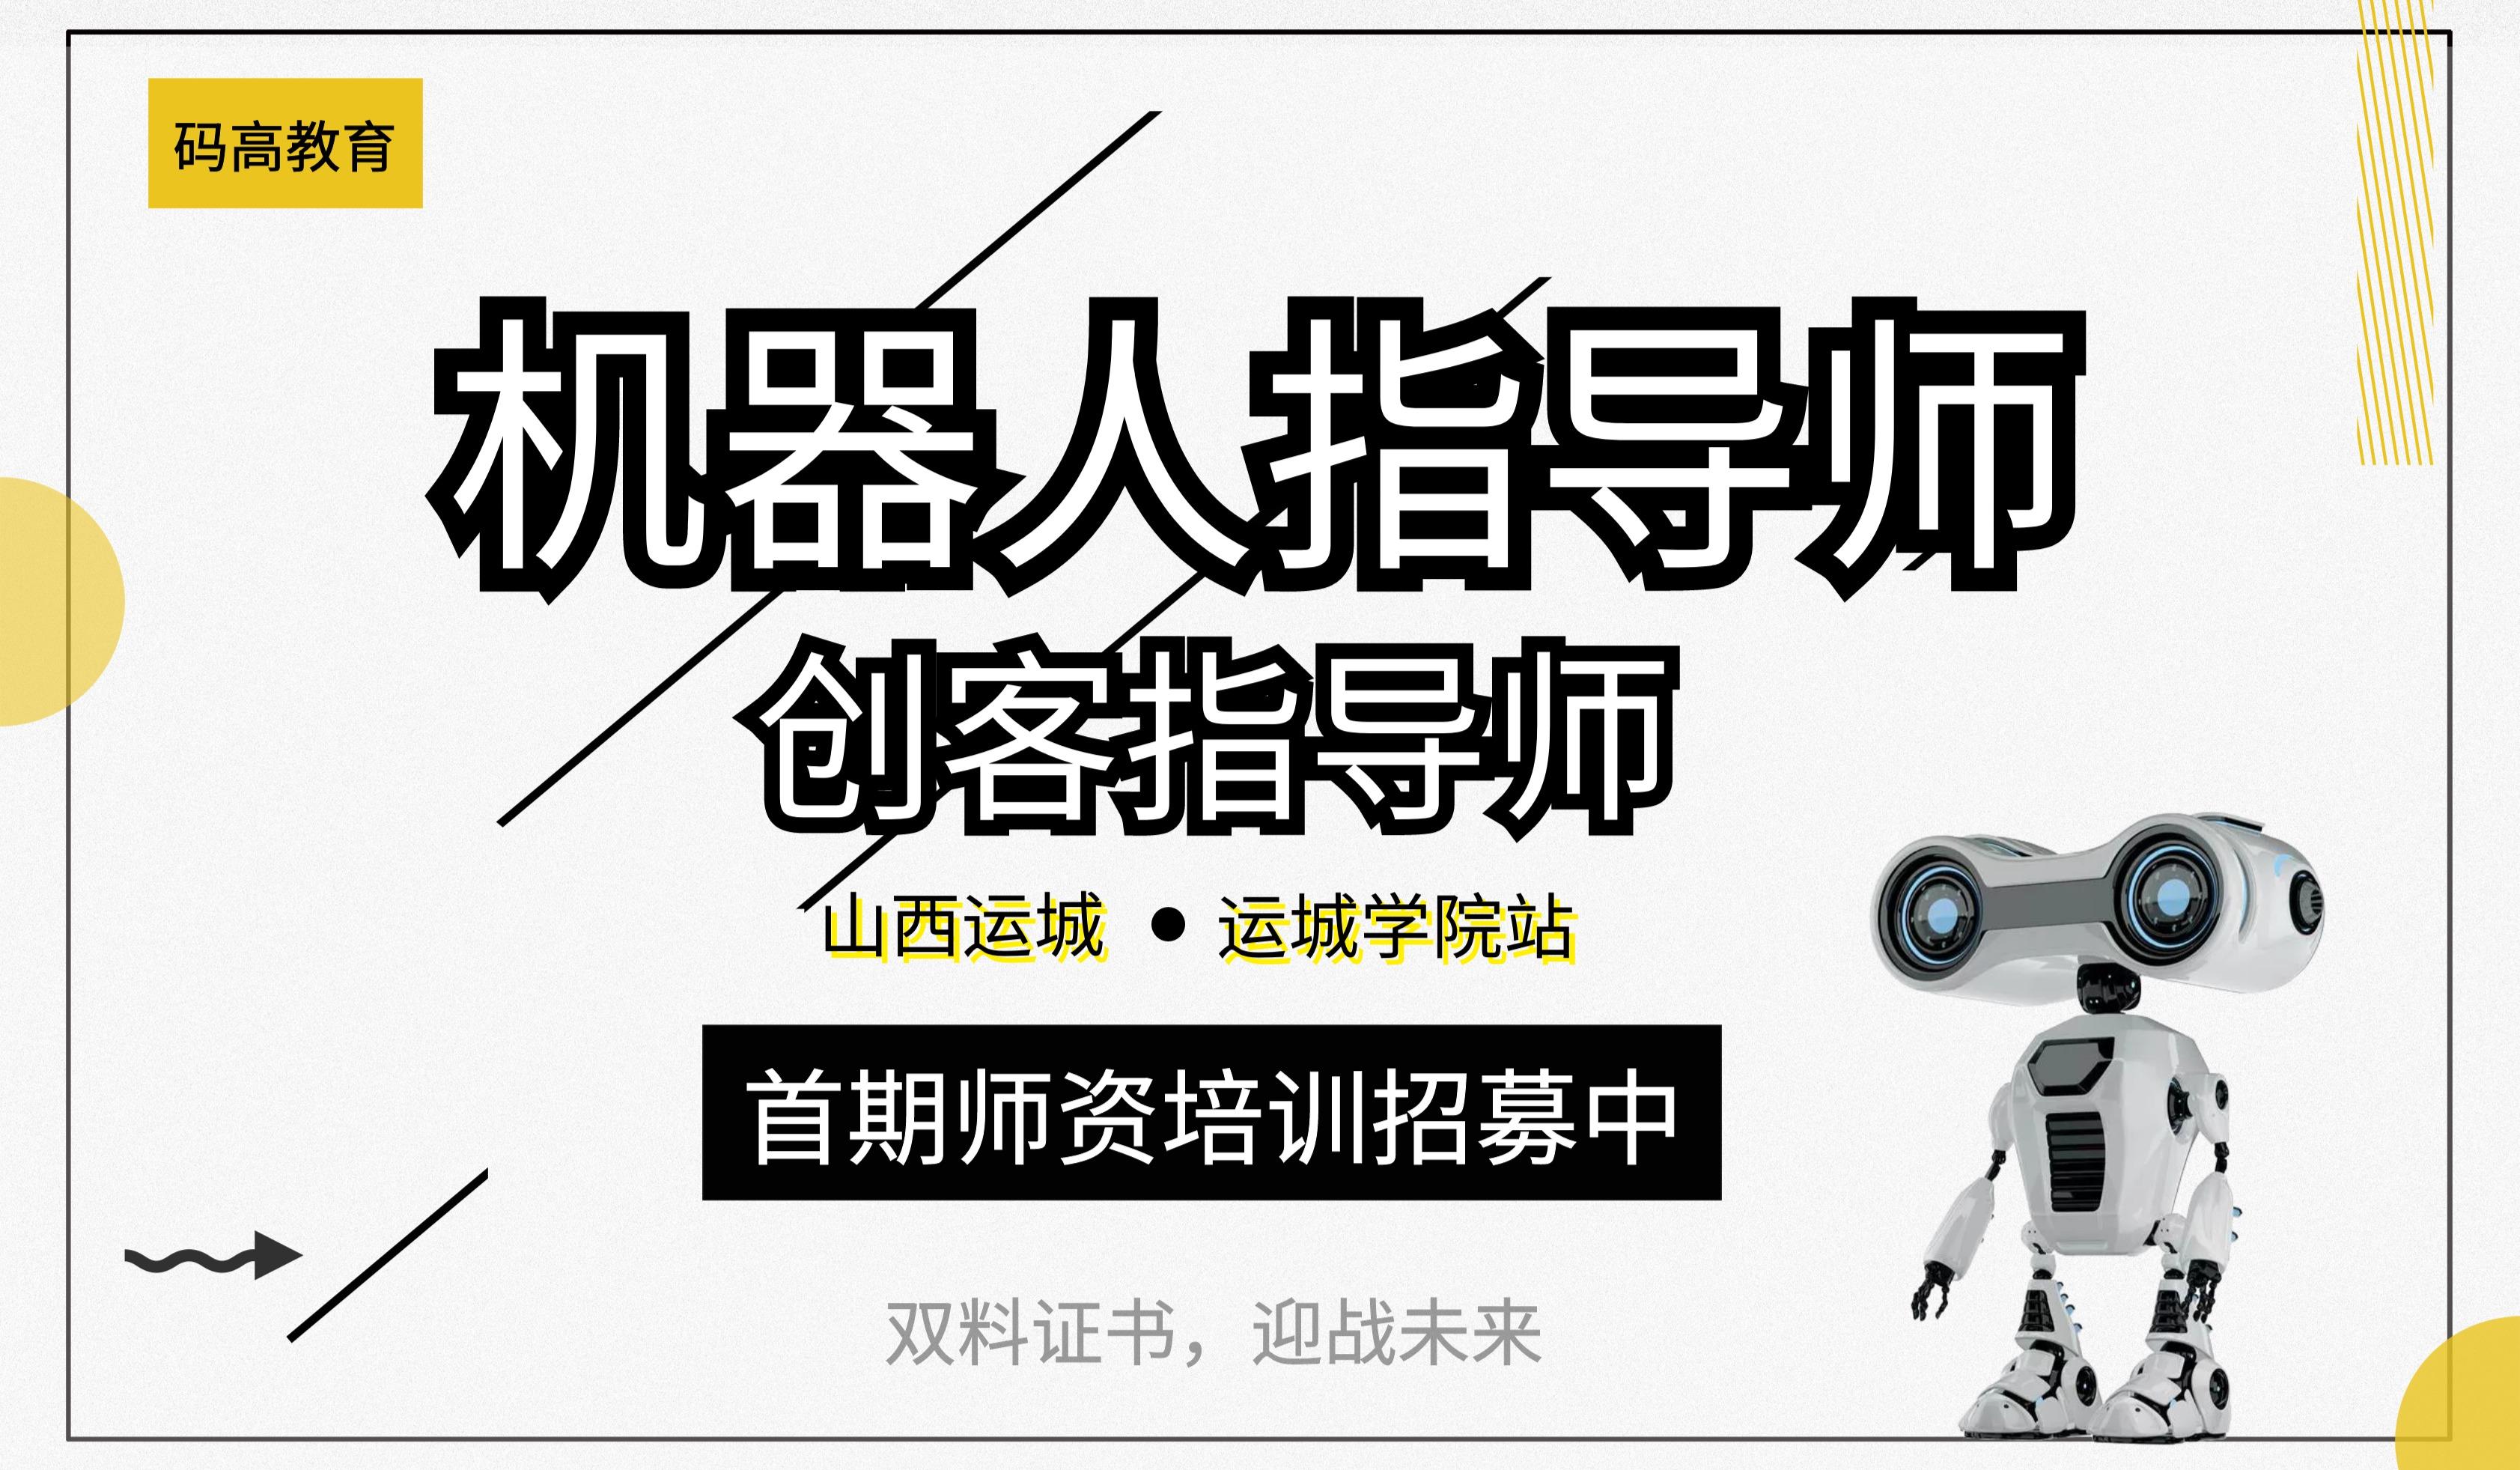 山西运城2018年首期机器人教育指导师师资培训招募中